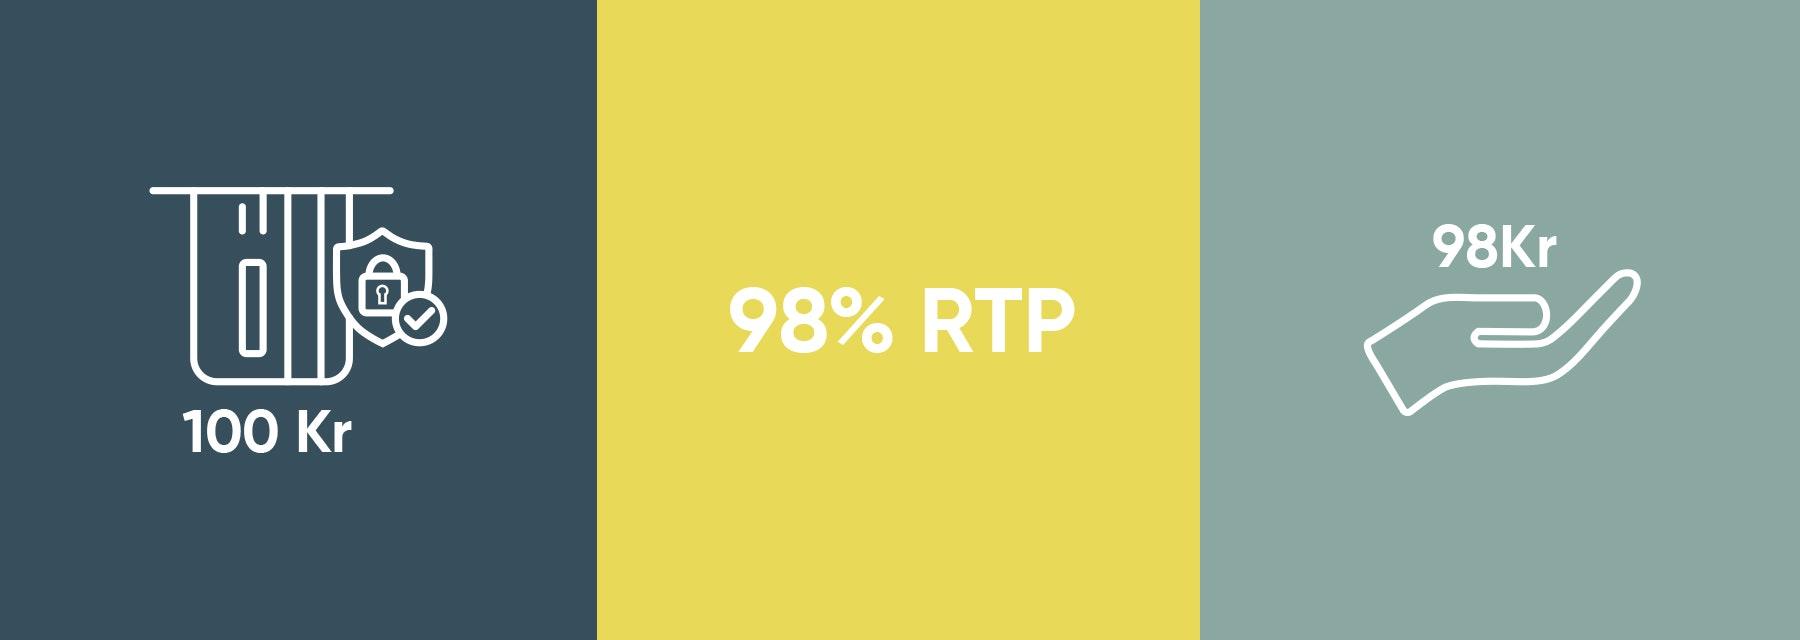 Så fungerar RTP - eller Return To Player